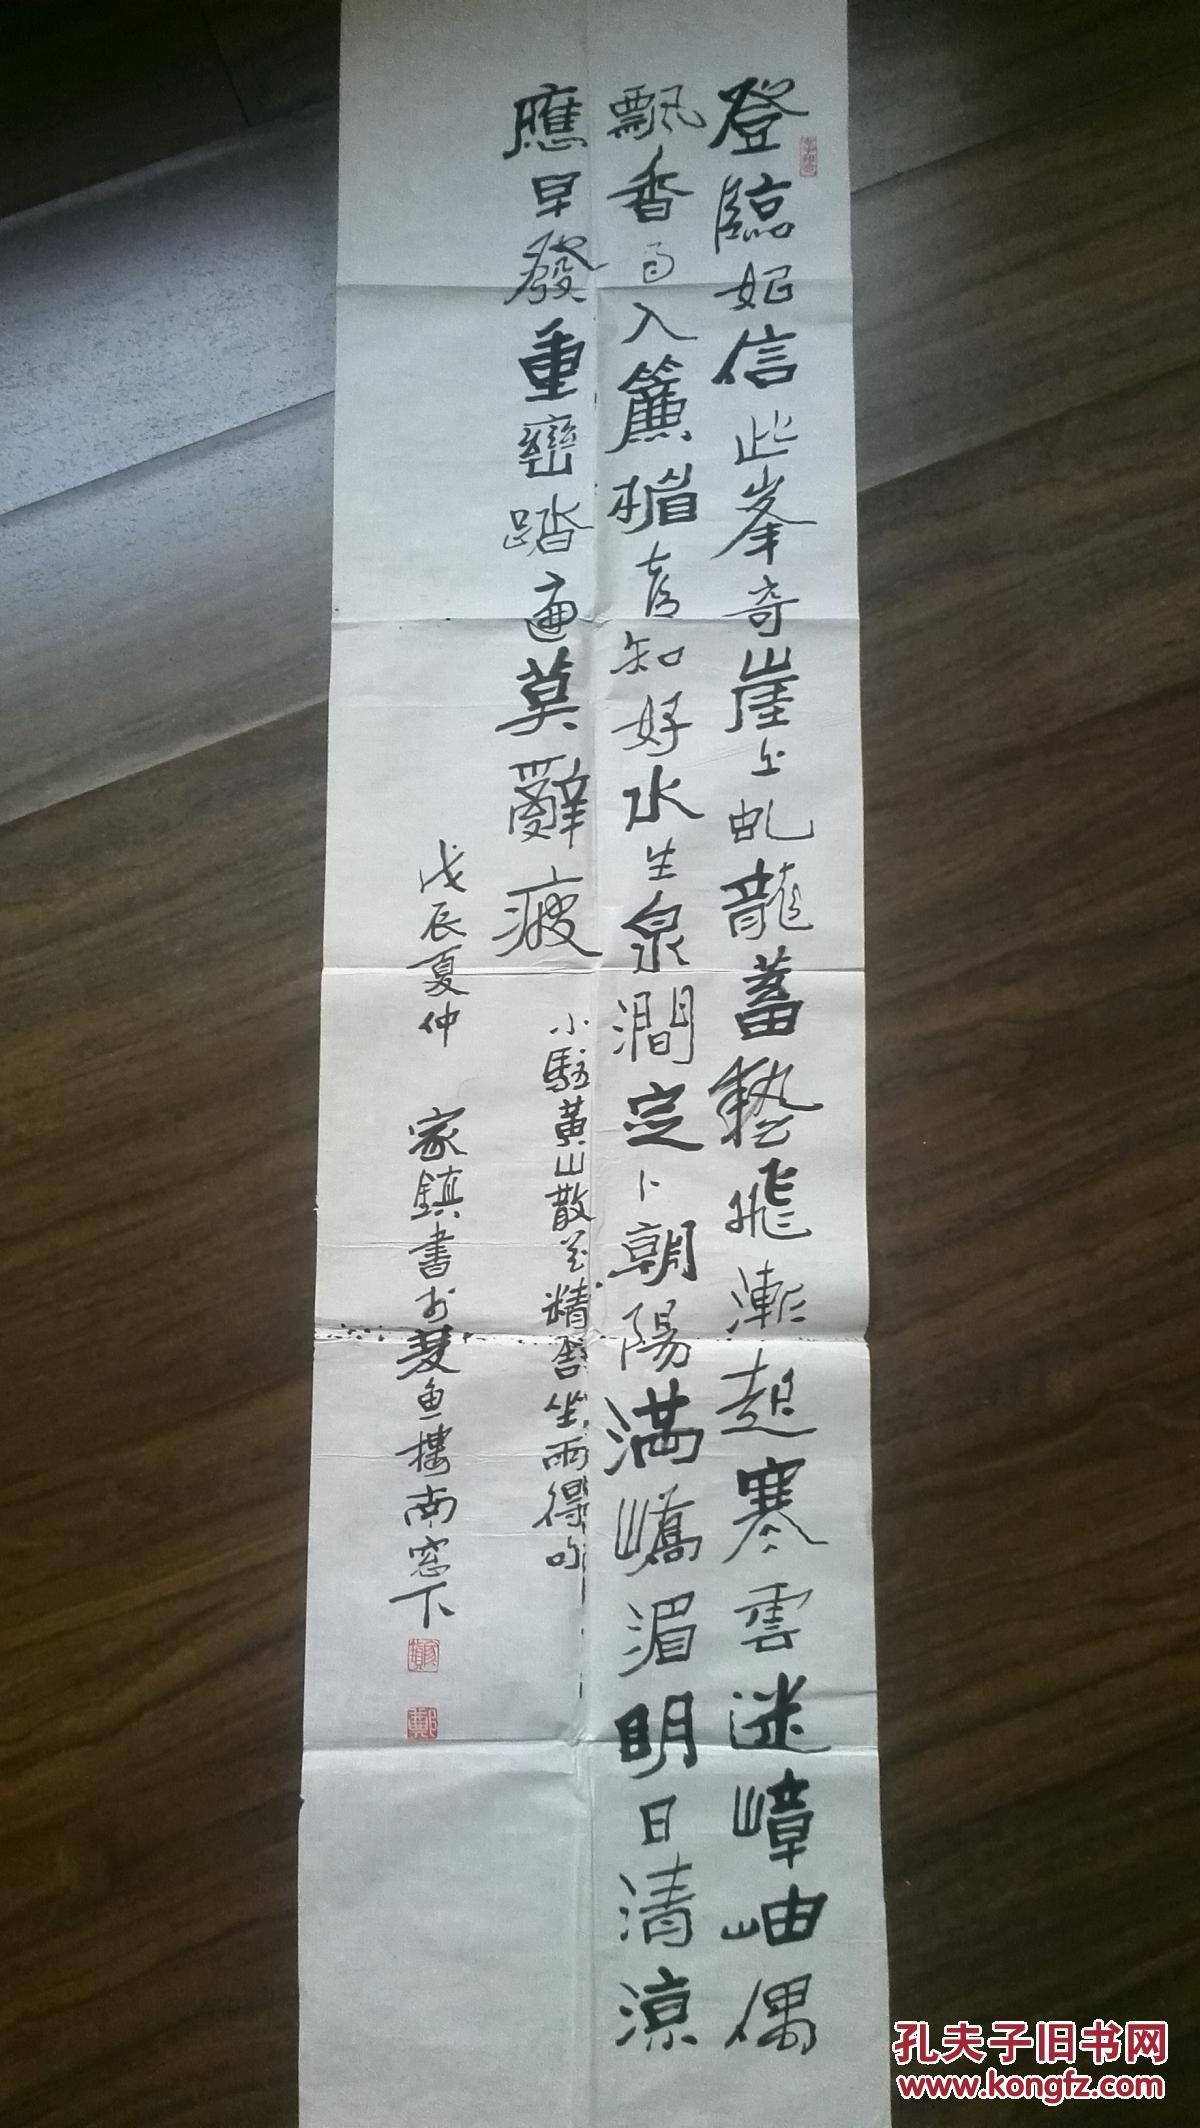 近现代香港著名书法家,海南人郑家镇魏碑书法条幅图片